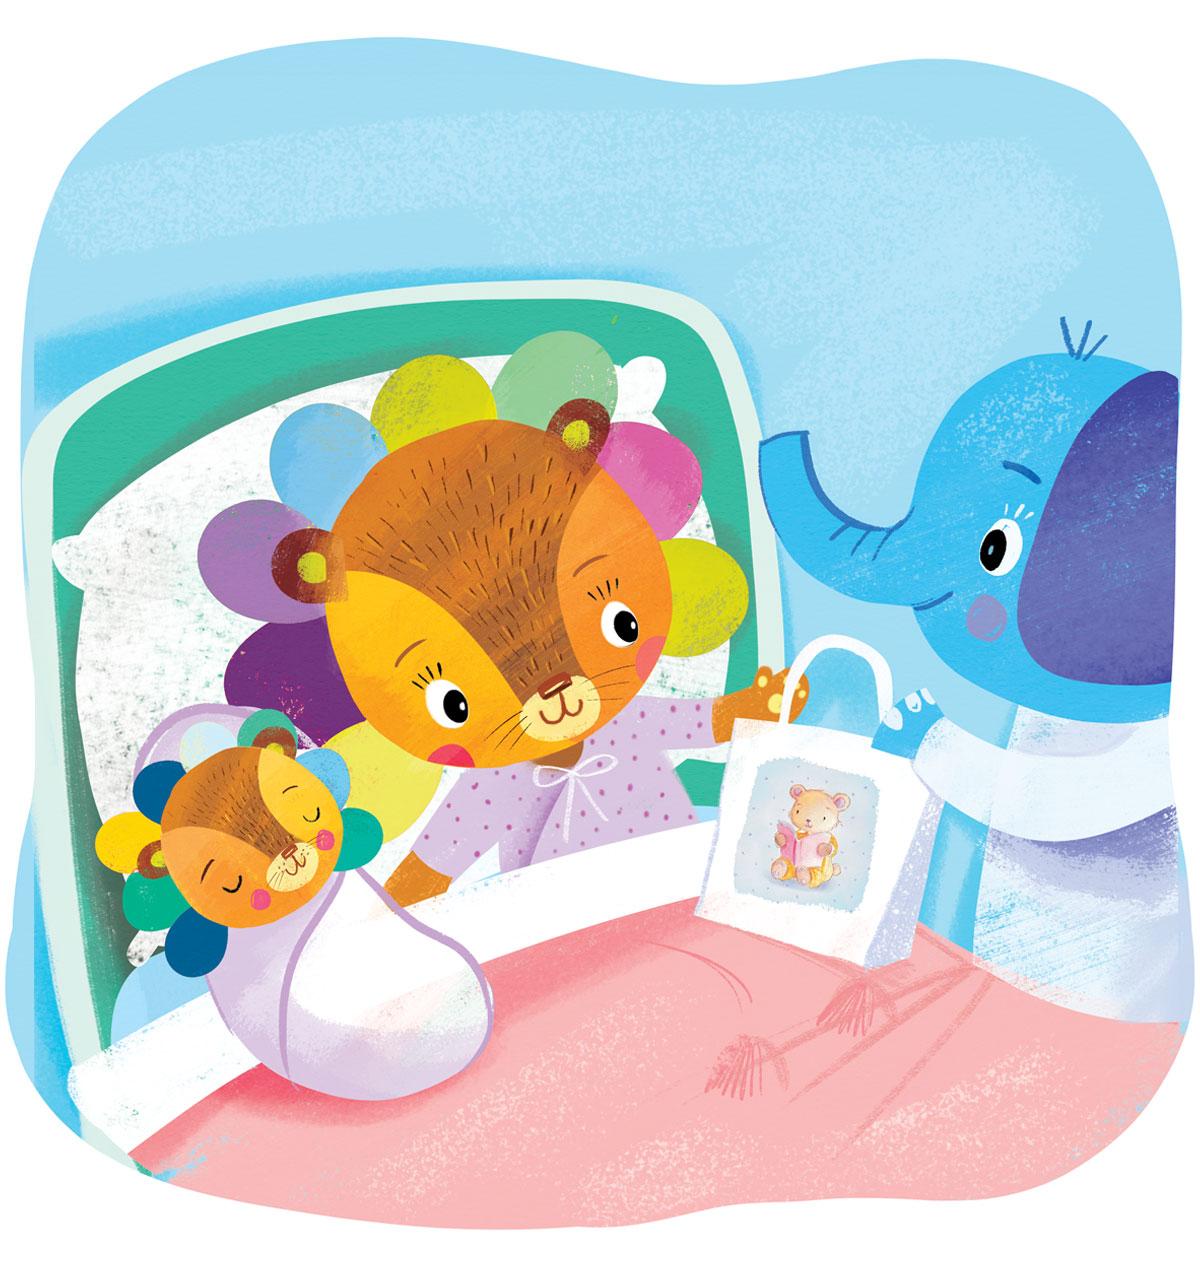 Knjige za bebe, ilustracija u rodilištu